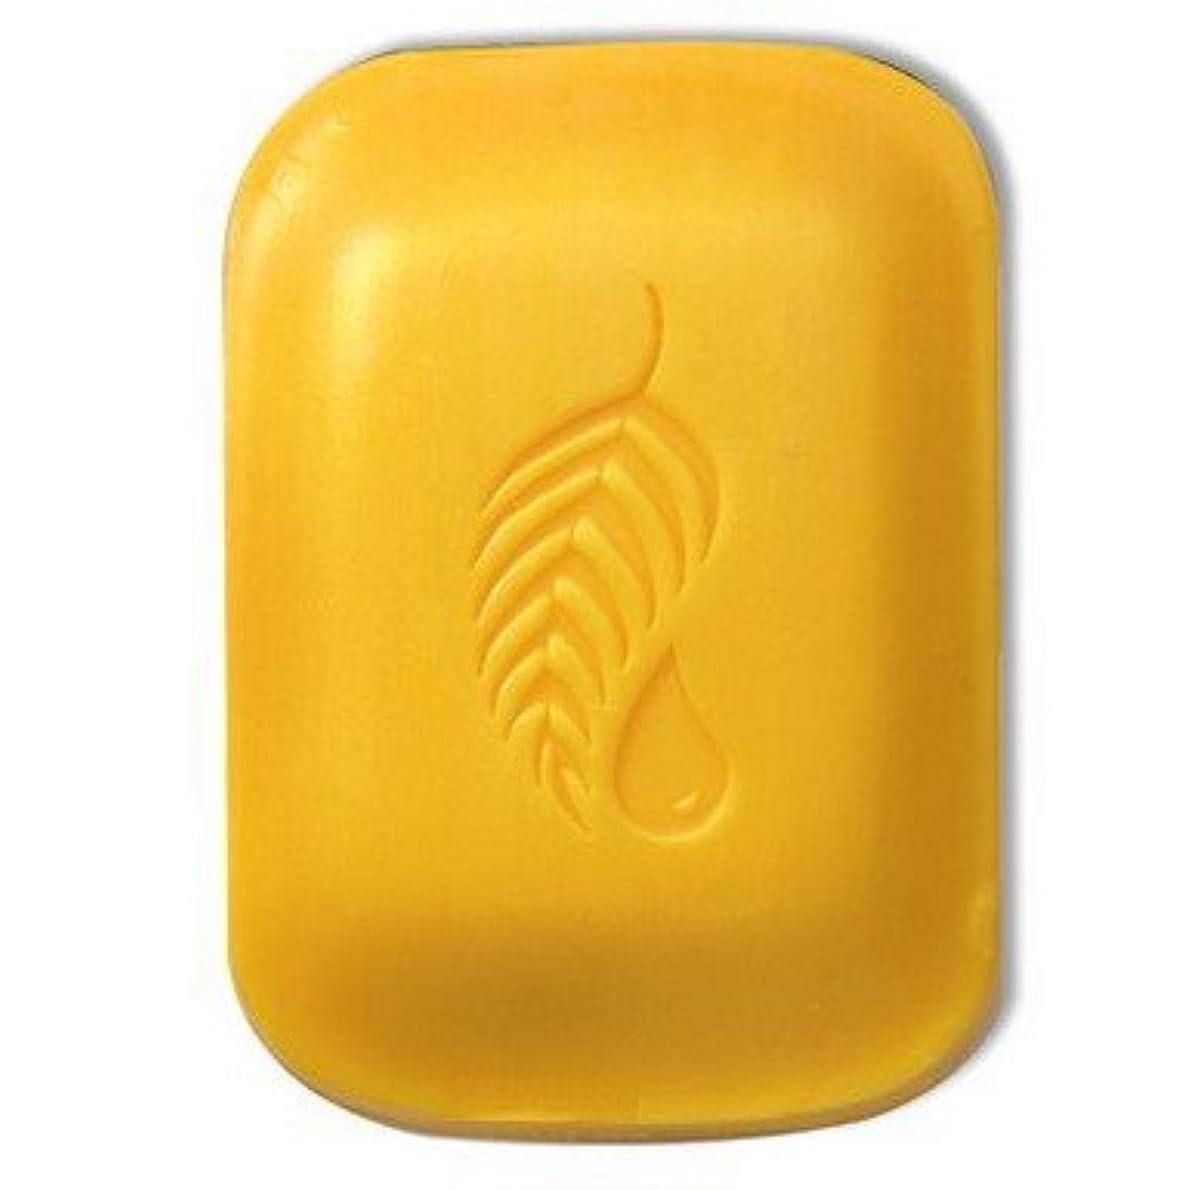 気づく一般化する格納【Melaleuca(メラルーカ)】ゴールド バー トライアルサイズ42.5g [並行輸入品]